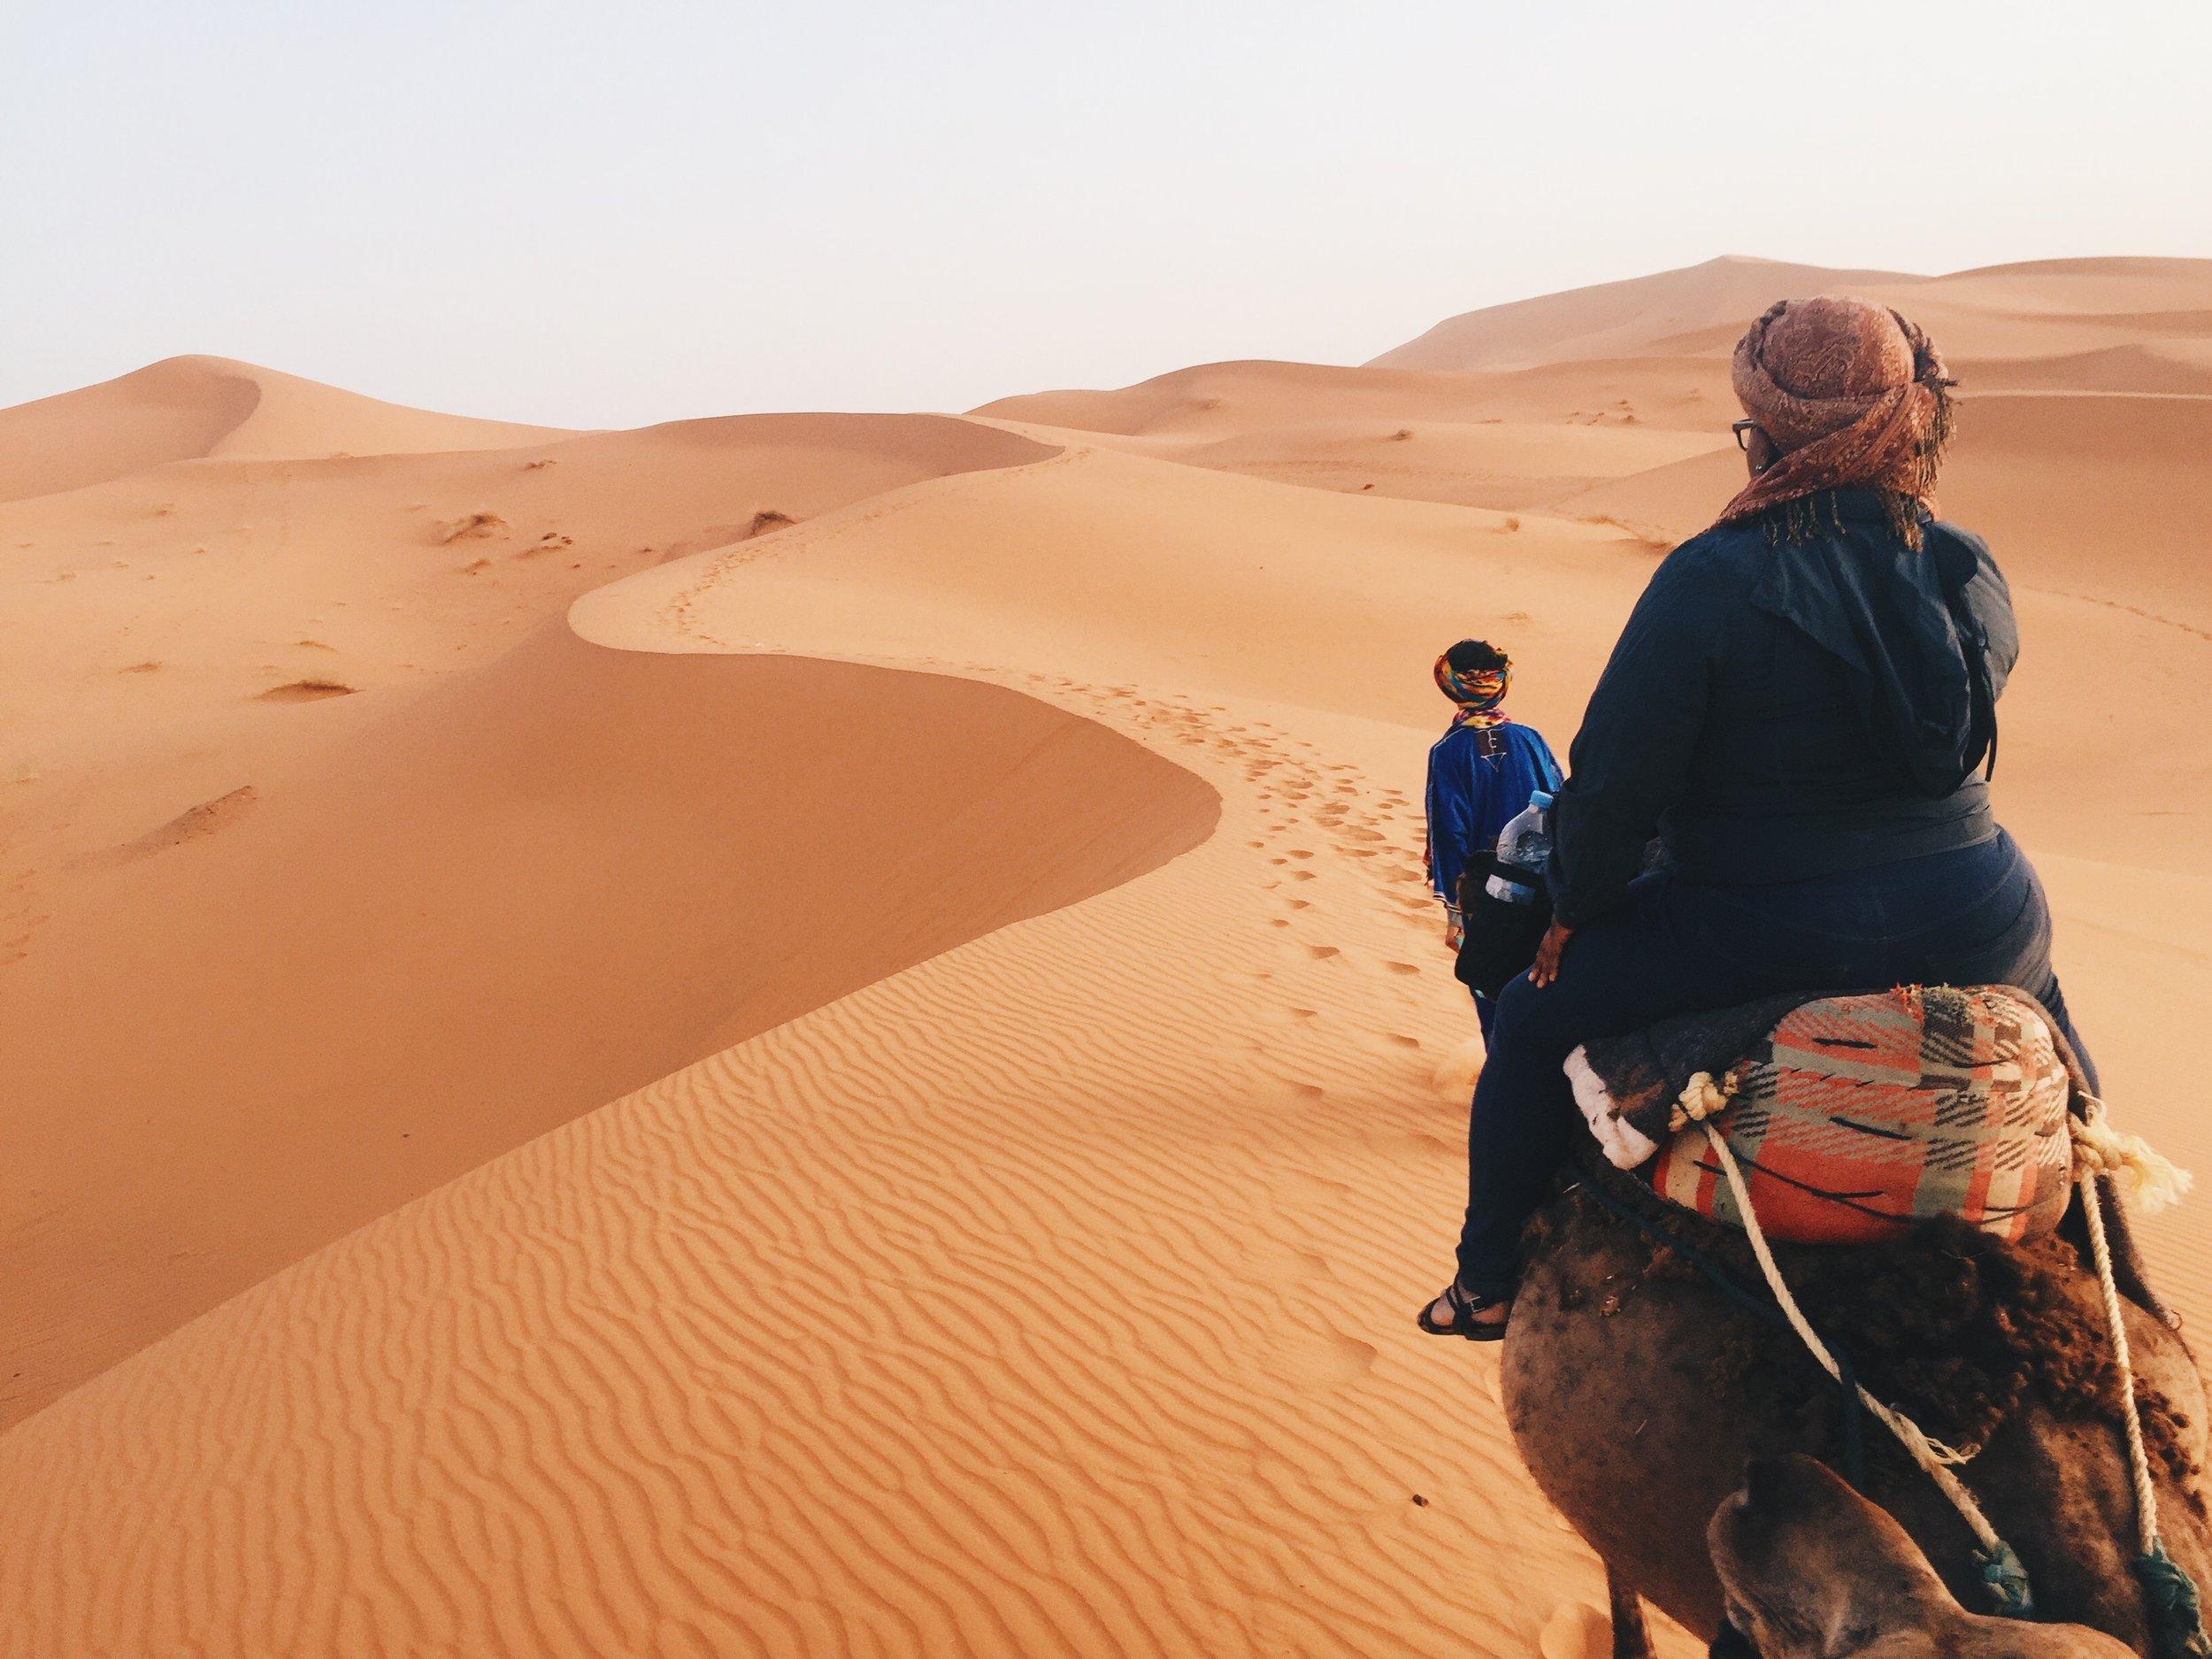 Sunset camel ride in the Sahara Desert